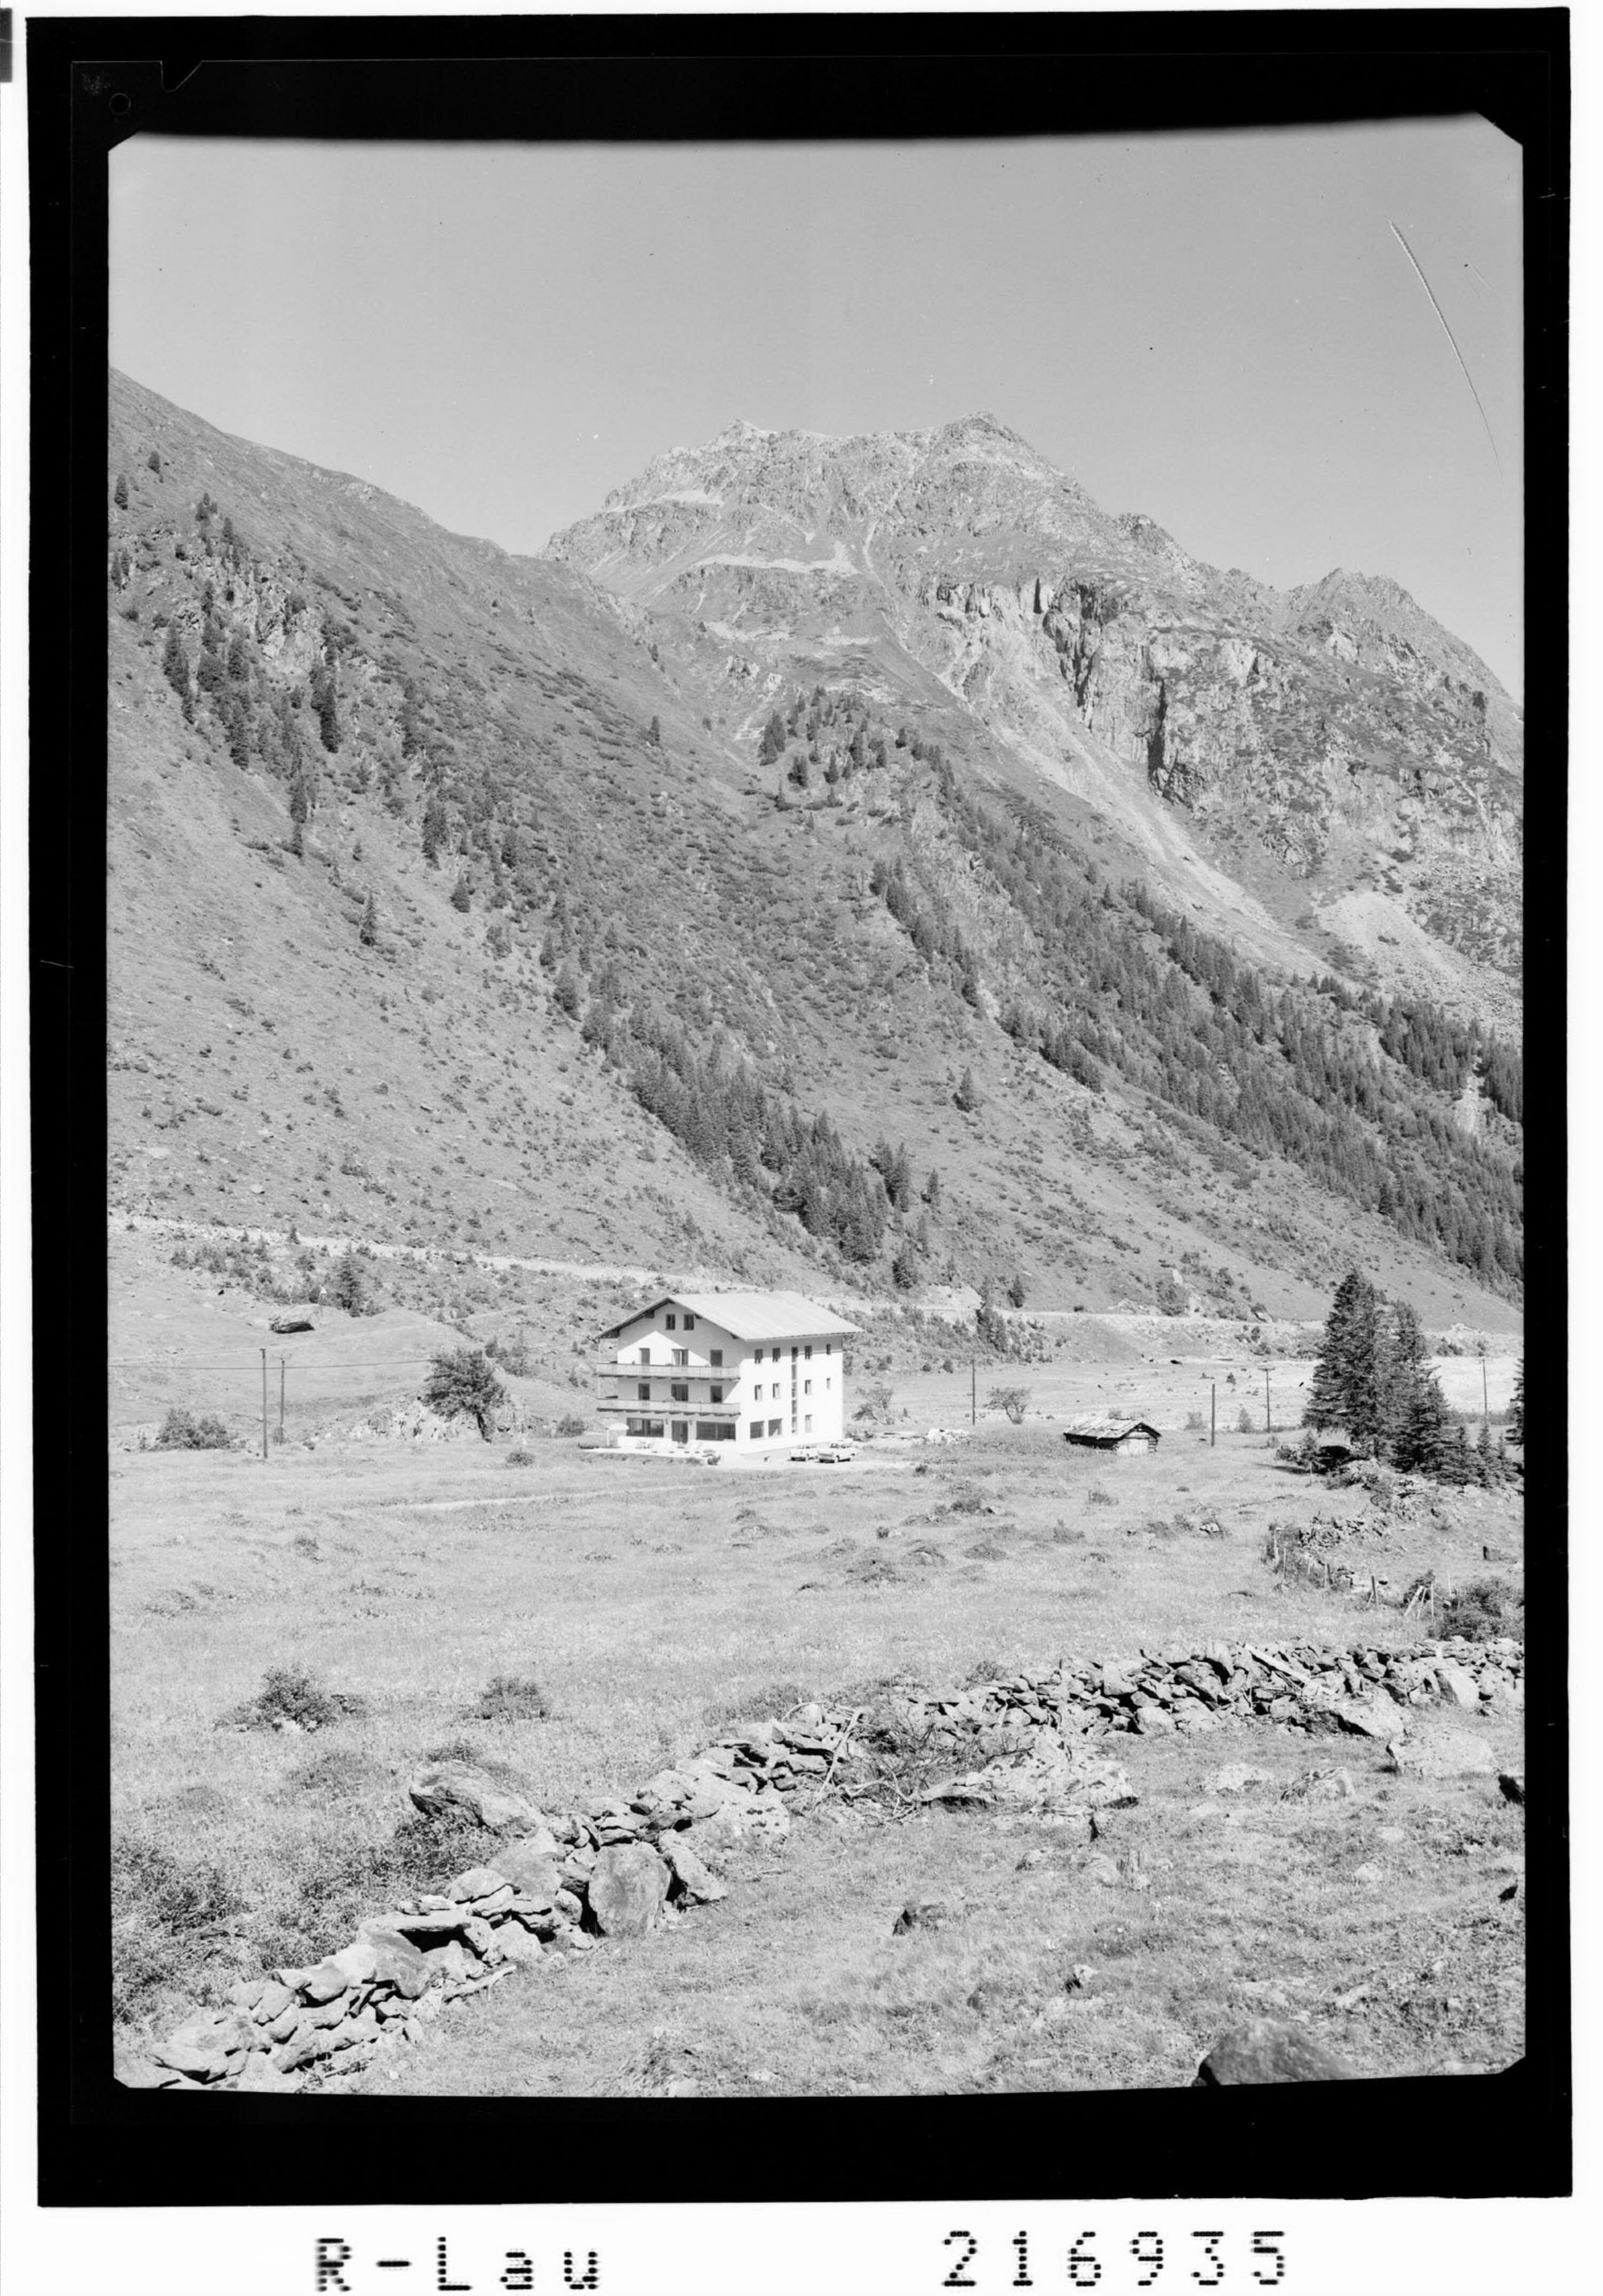 Mittelberg 1740 m, Gasthaus Gletscherblick gegen Brandkogel 2677 m und Steinkogel 2635 m, Pitztal / Tirol von Risch-Lau